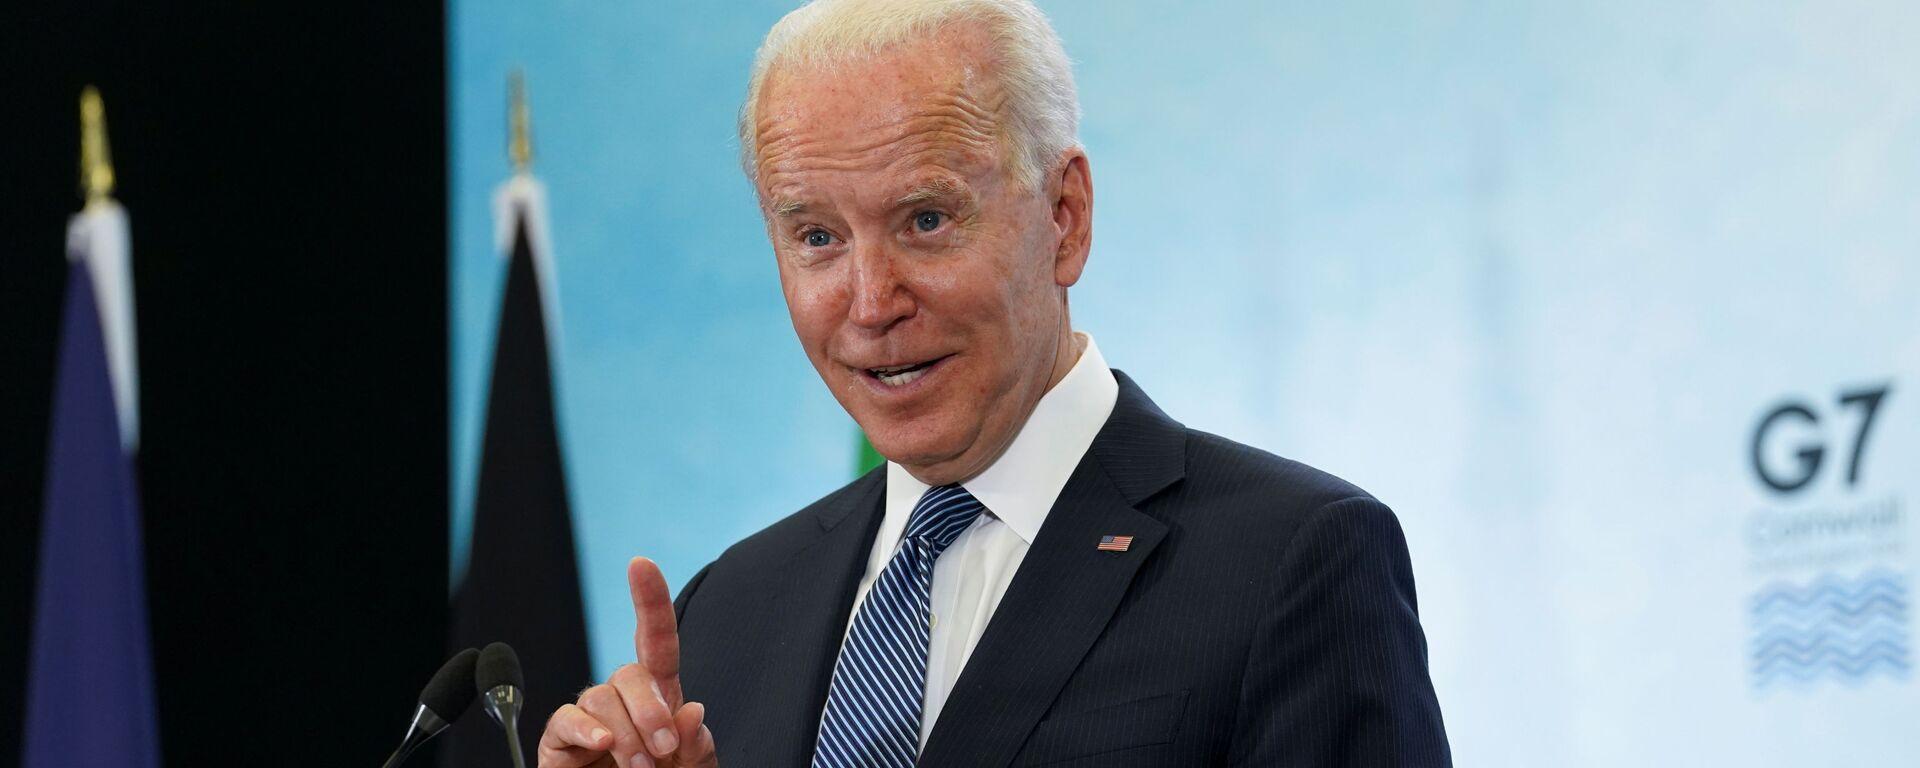 Prezident USA Joe Biden - Sputnik Česká republika, 1920, 04.07.2021